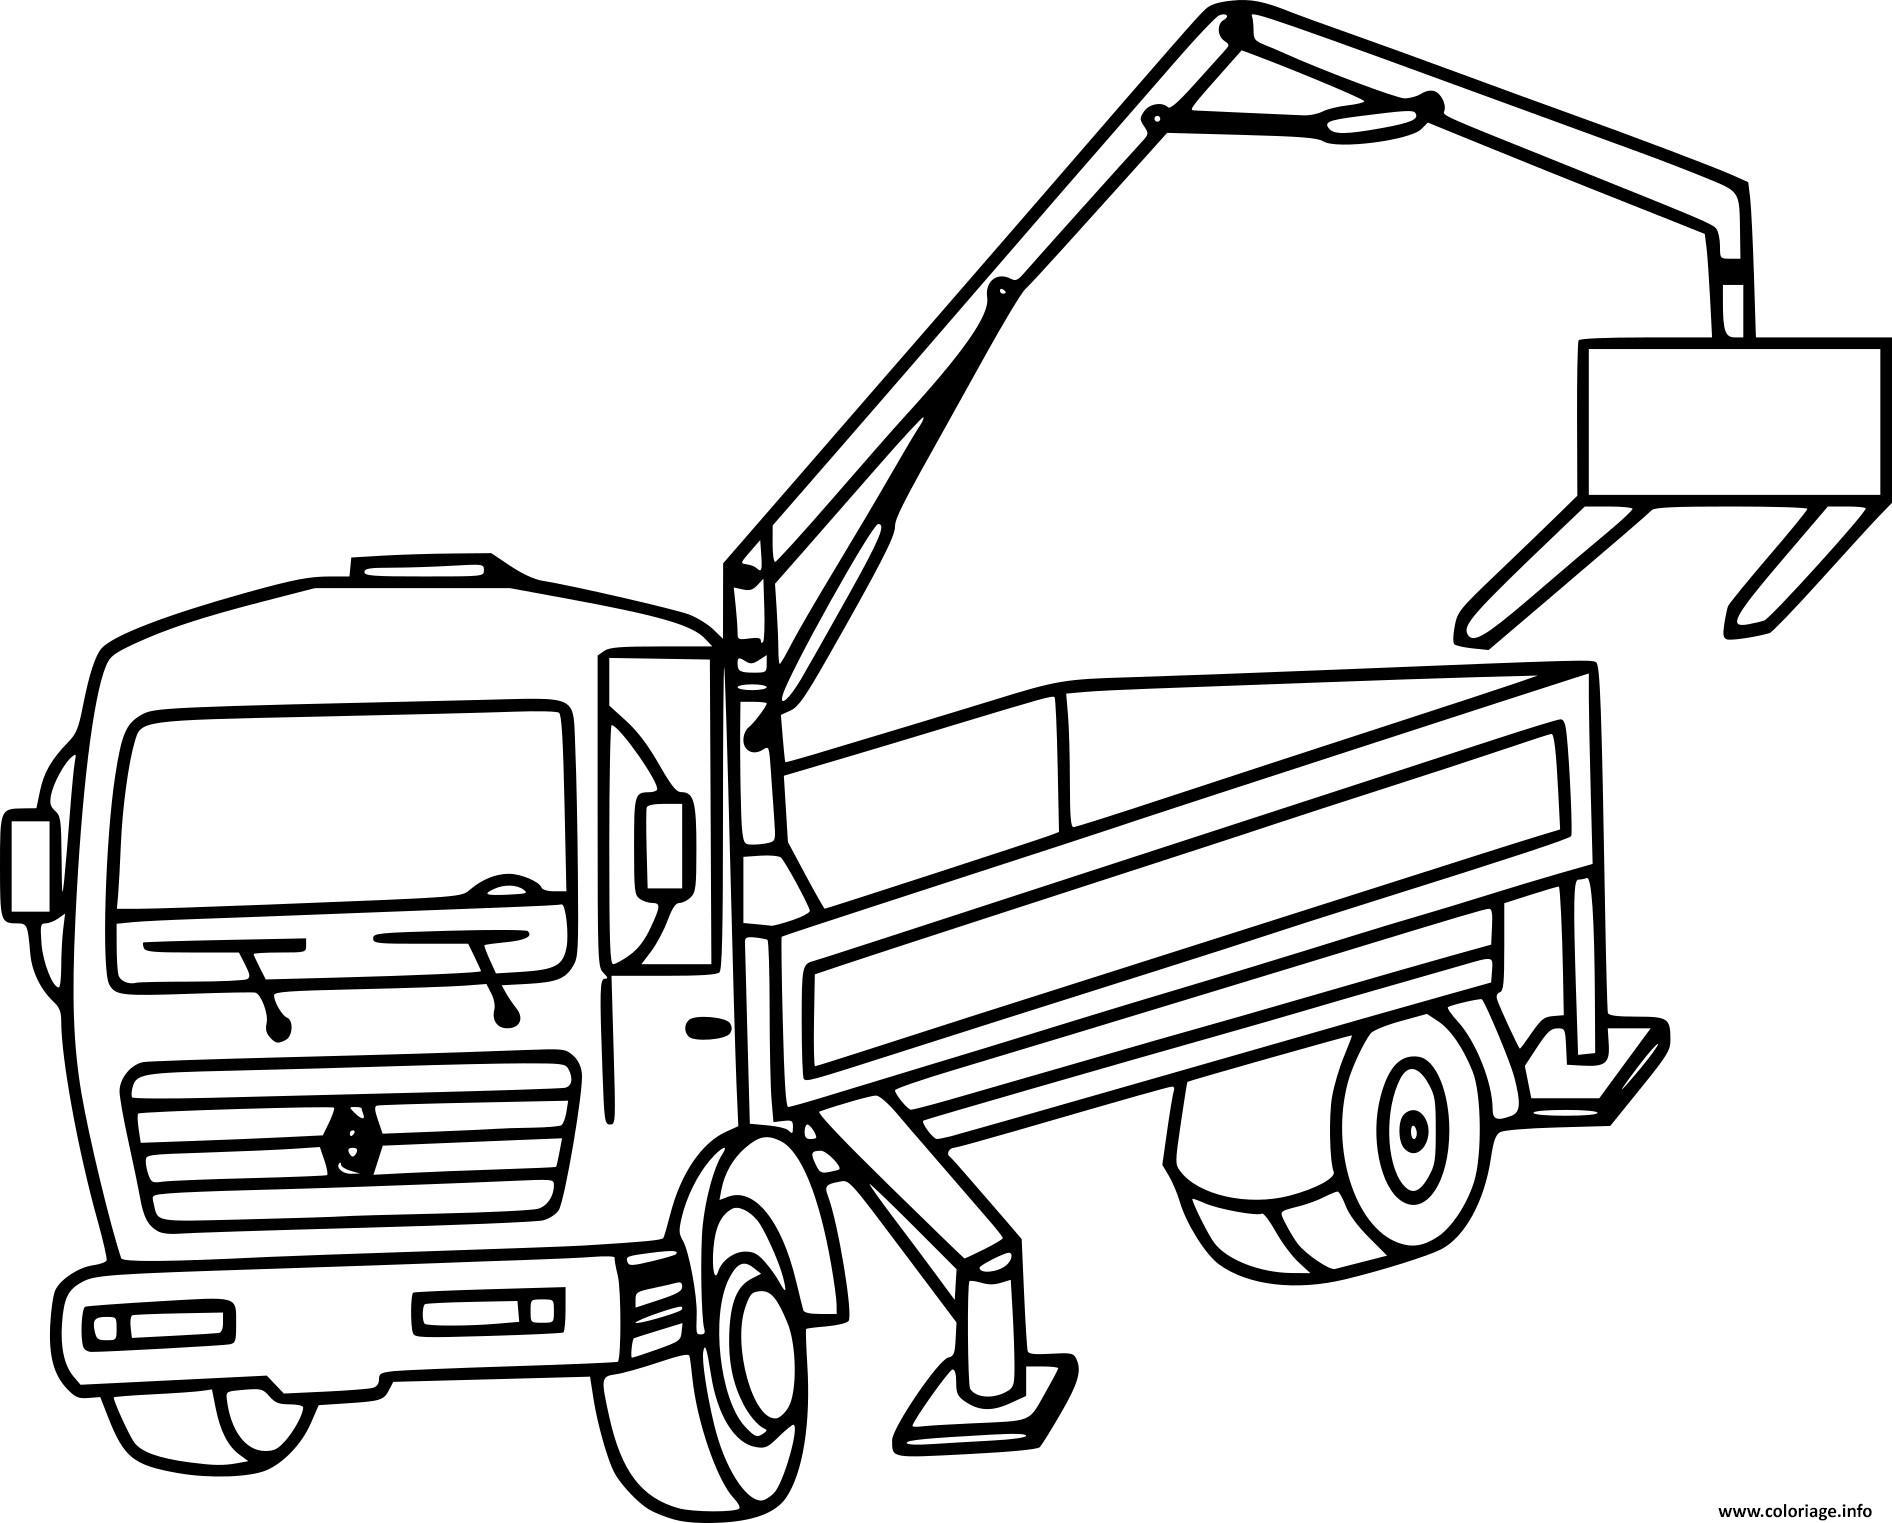 Coloriage Camion Grue Appareil De Levage Dessin à Dessin D Un Camion